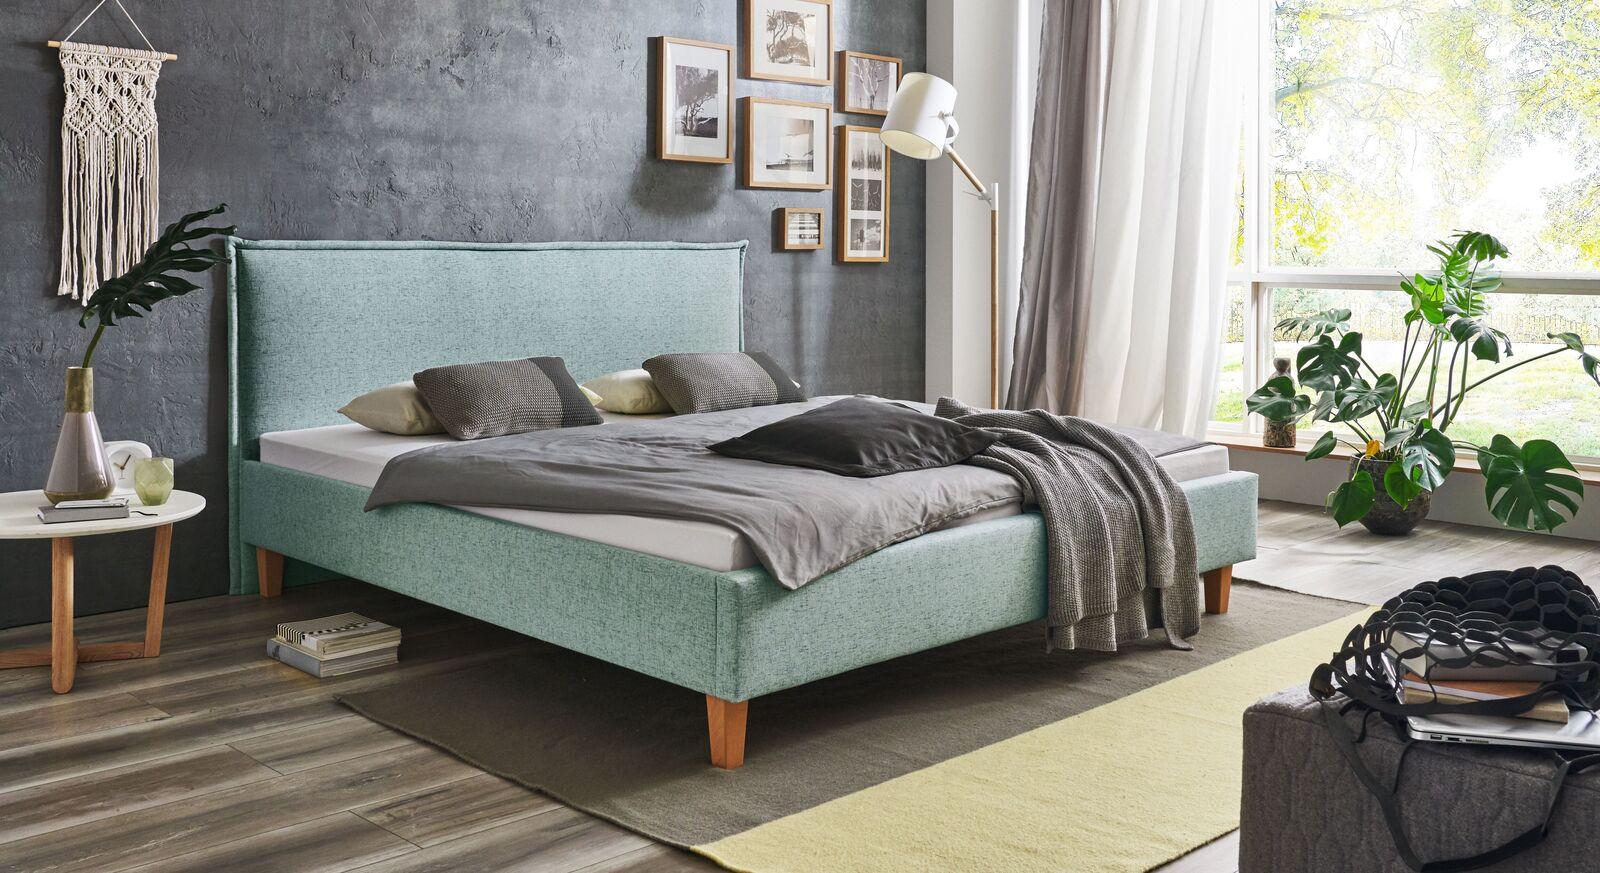 Bett Zibo mit Polsterung und stilvollem Webstoff